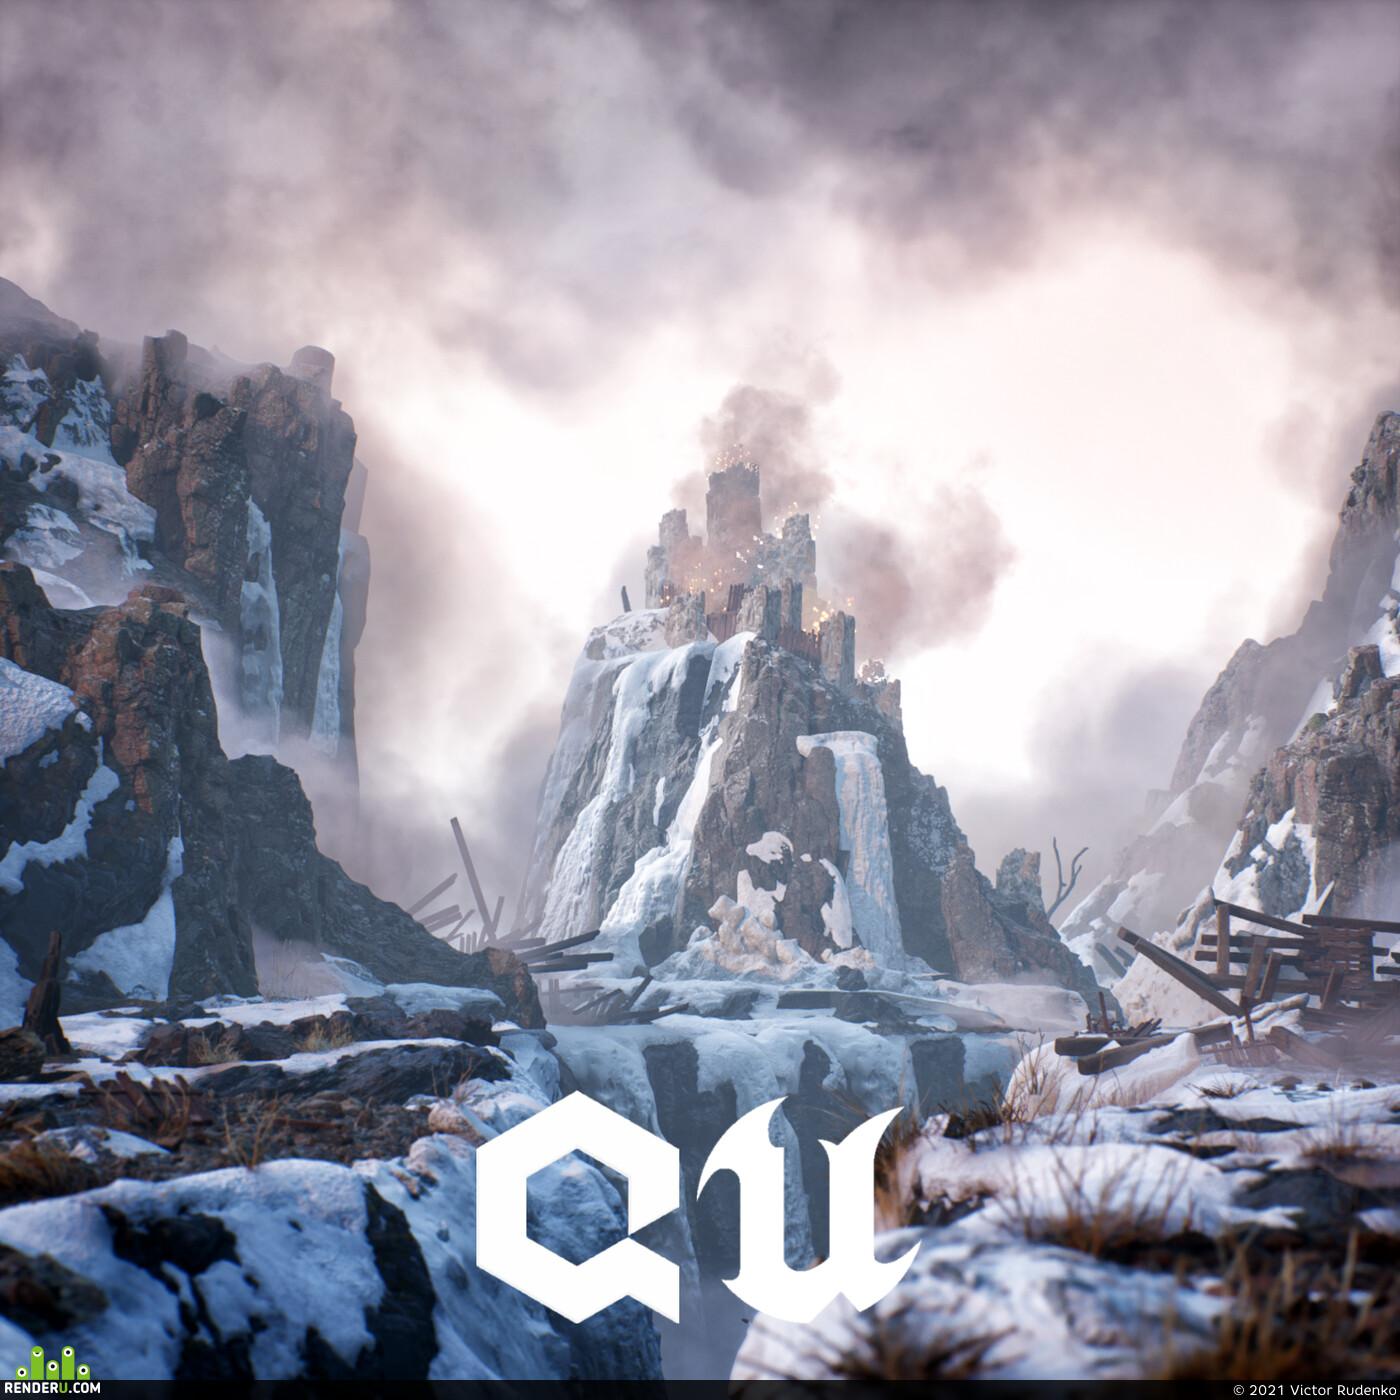 UnrealEngine, QuixelMegascans, 3d, castle, winter, snow